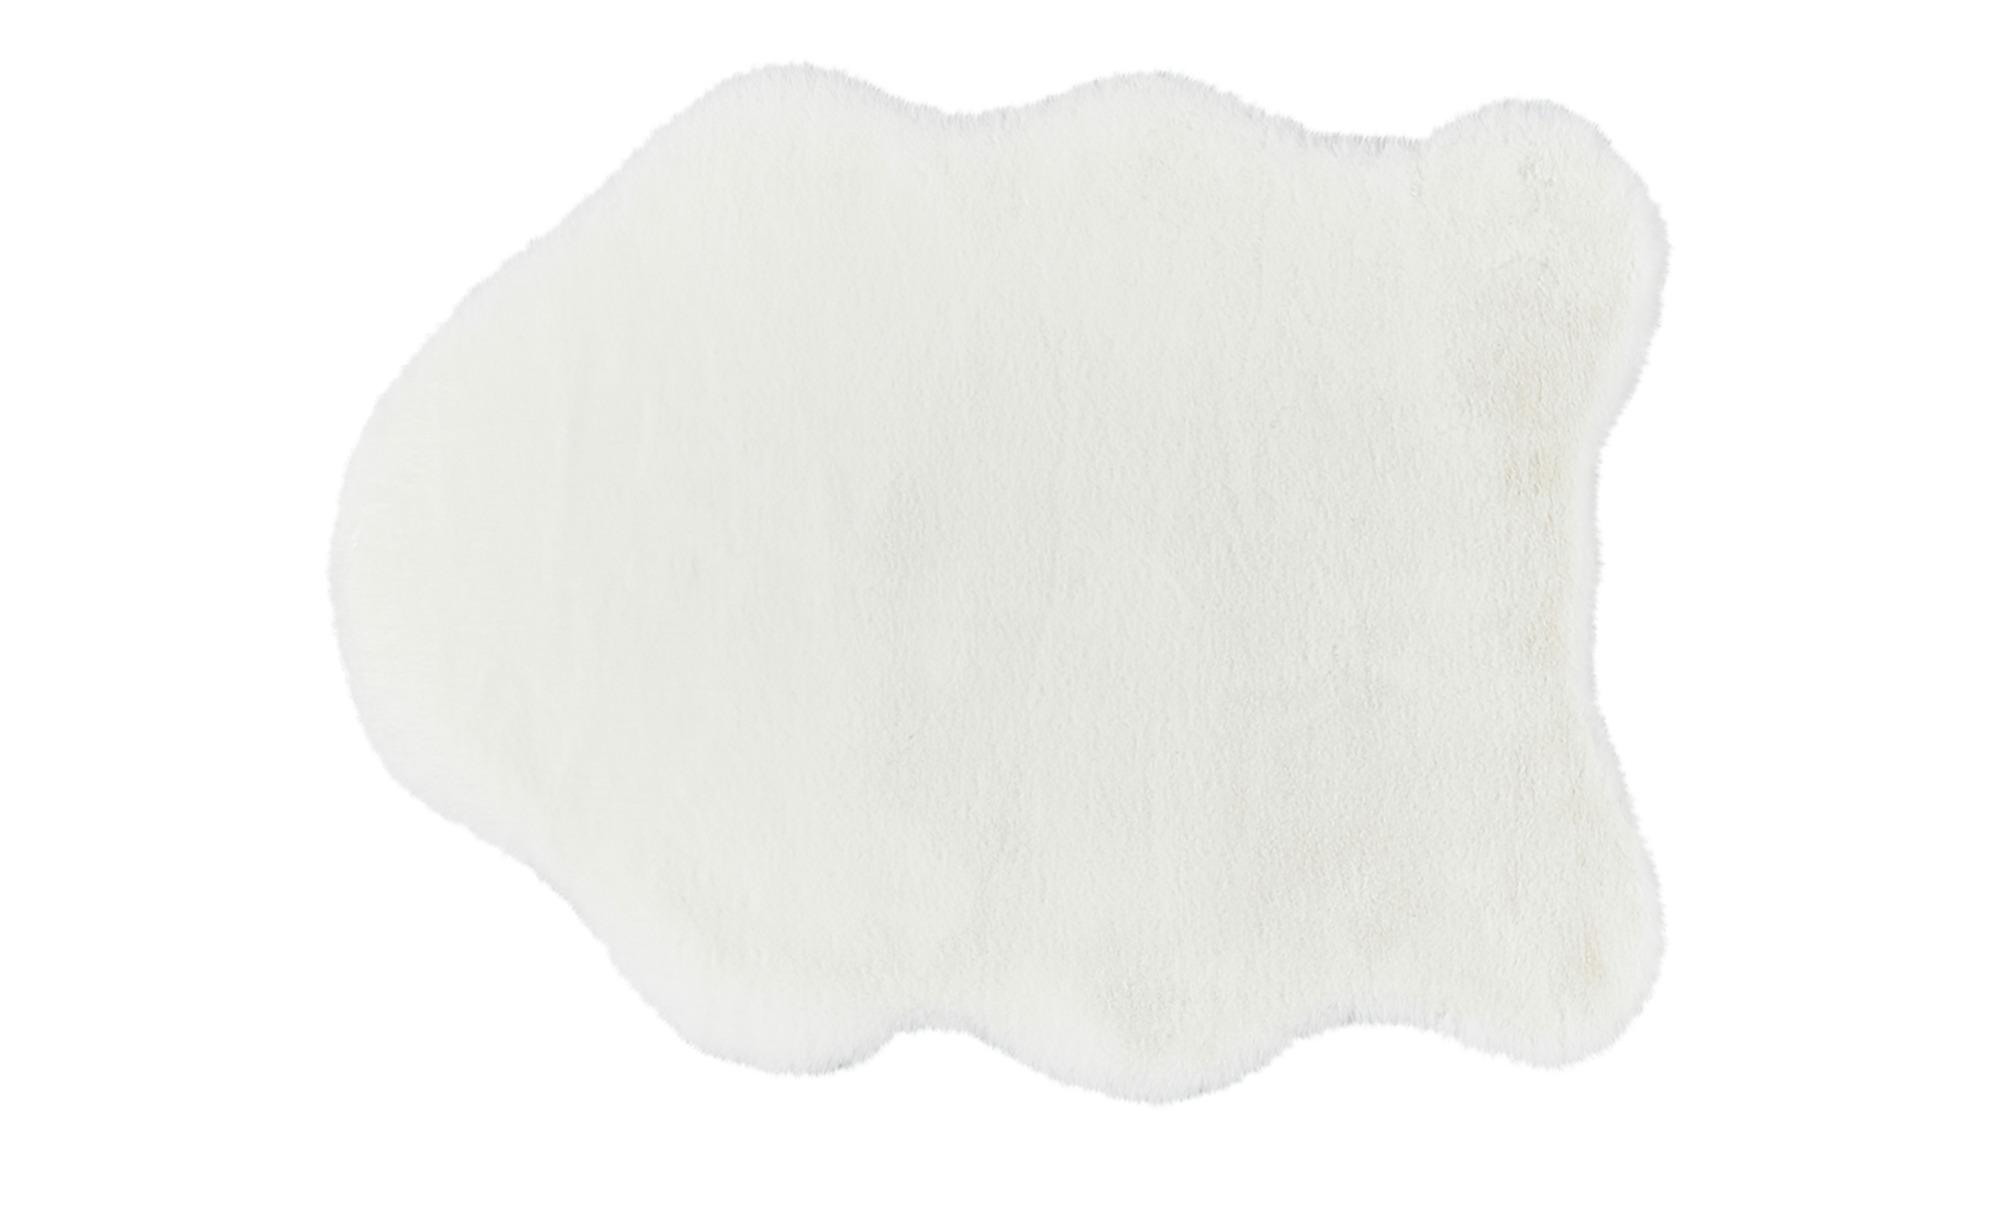 SCHÖNER WOHNEN Webteppich  Tender ¦ weiß ¦ 100% Polyester, Synthethische Fasern ¦ Maße (cm): B: 60 Teppiche > Wohnteppiche - Höffner